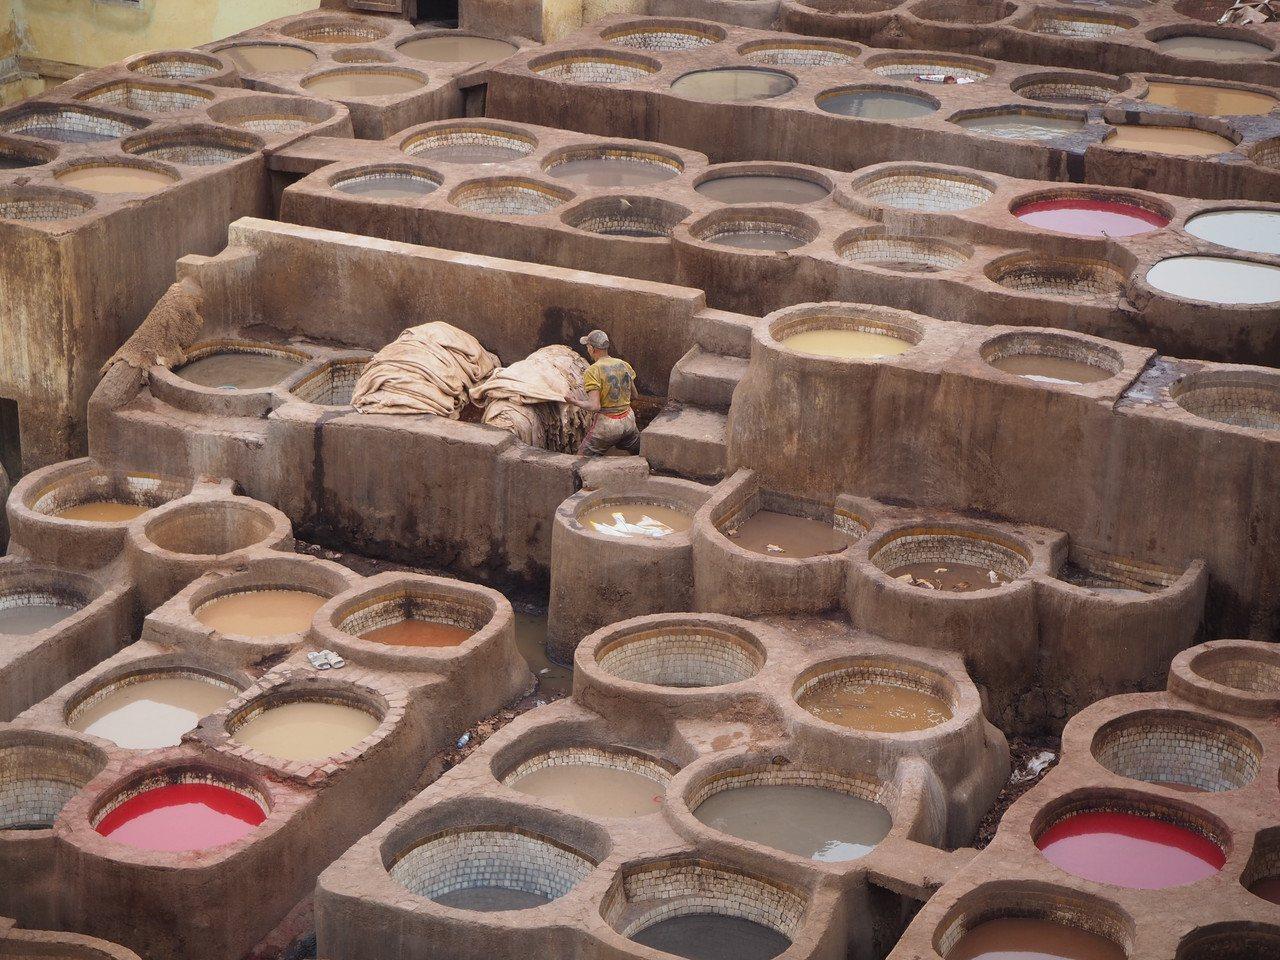 染缸裡勤奮工作的工人,得染受惡臭與汙染,日日浸泡在染缸裡。記者羅建怡/攝影